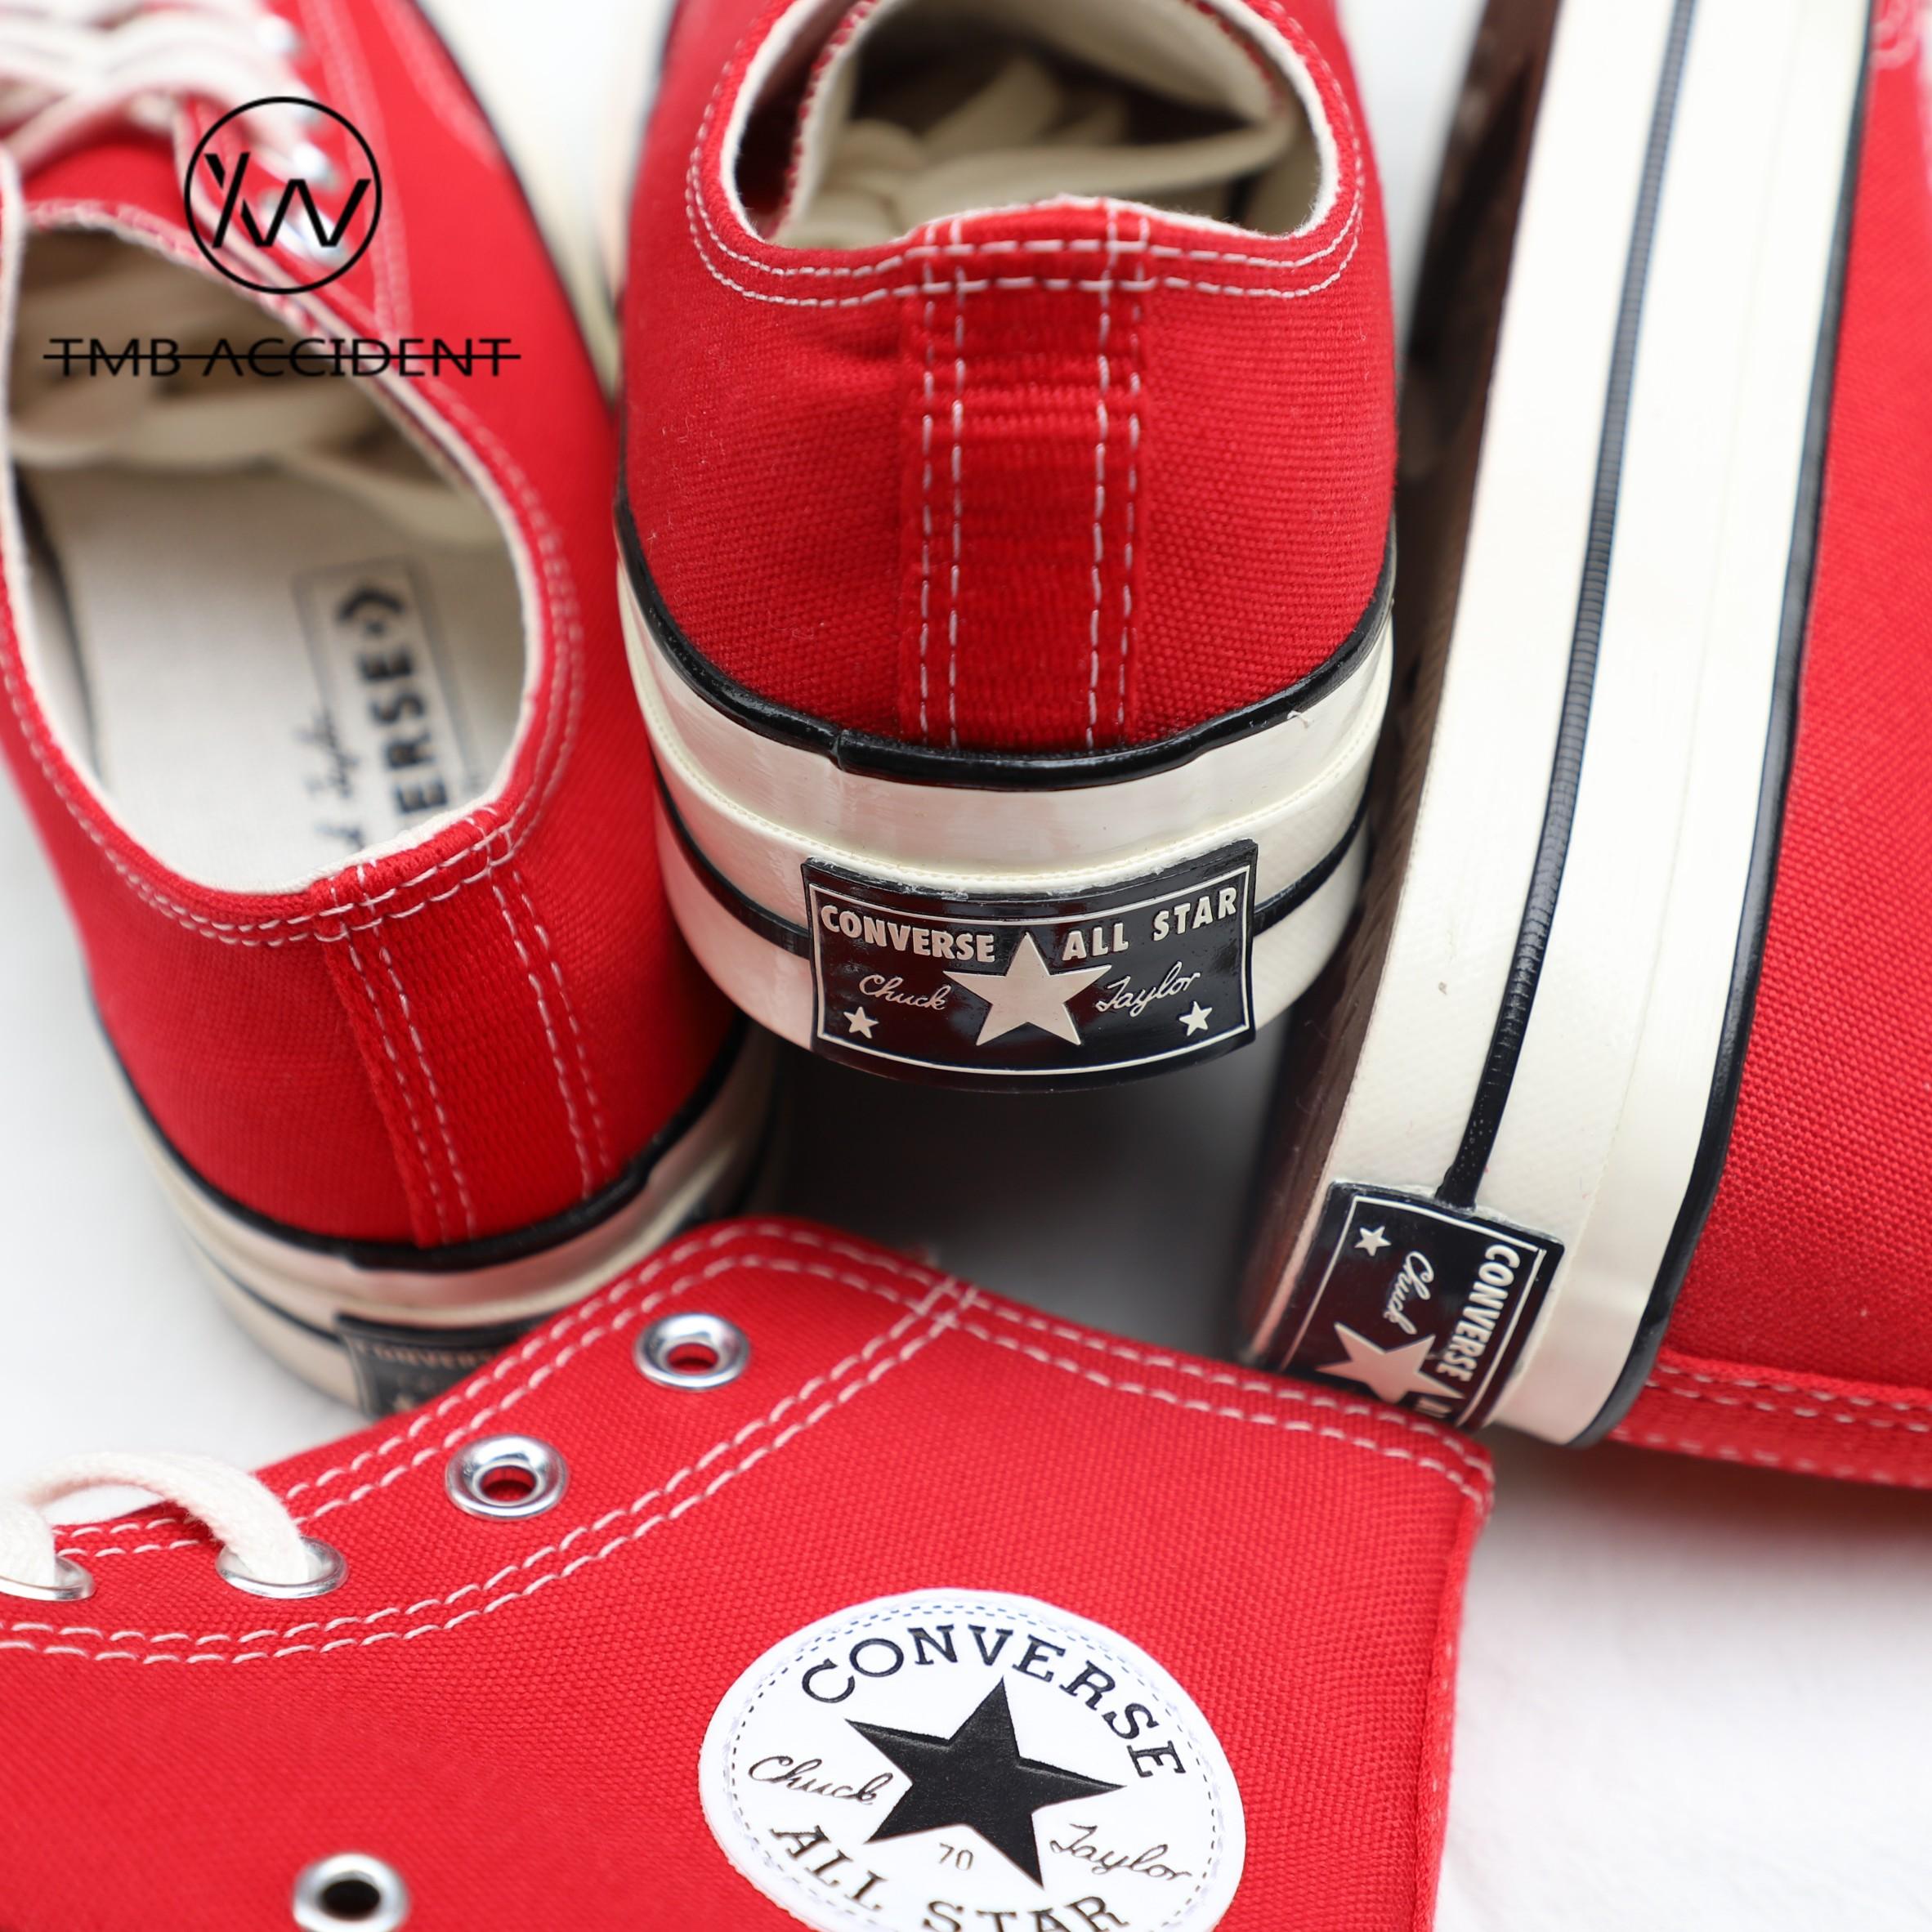 匡威耶诞红色高筒低帮帆布男鞋女鞋详细照片